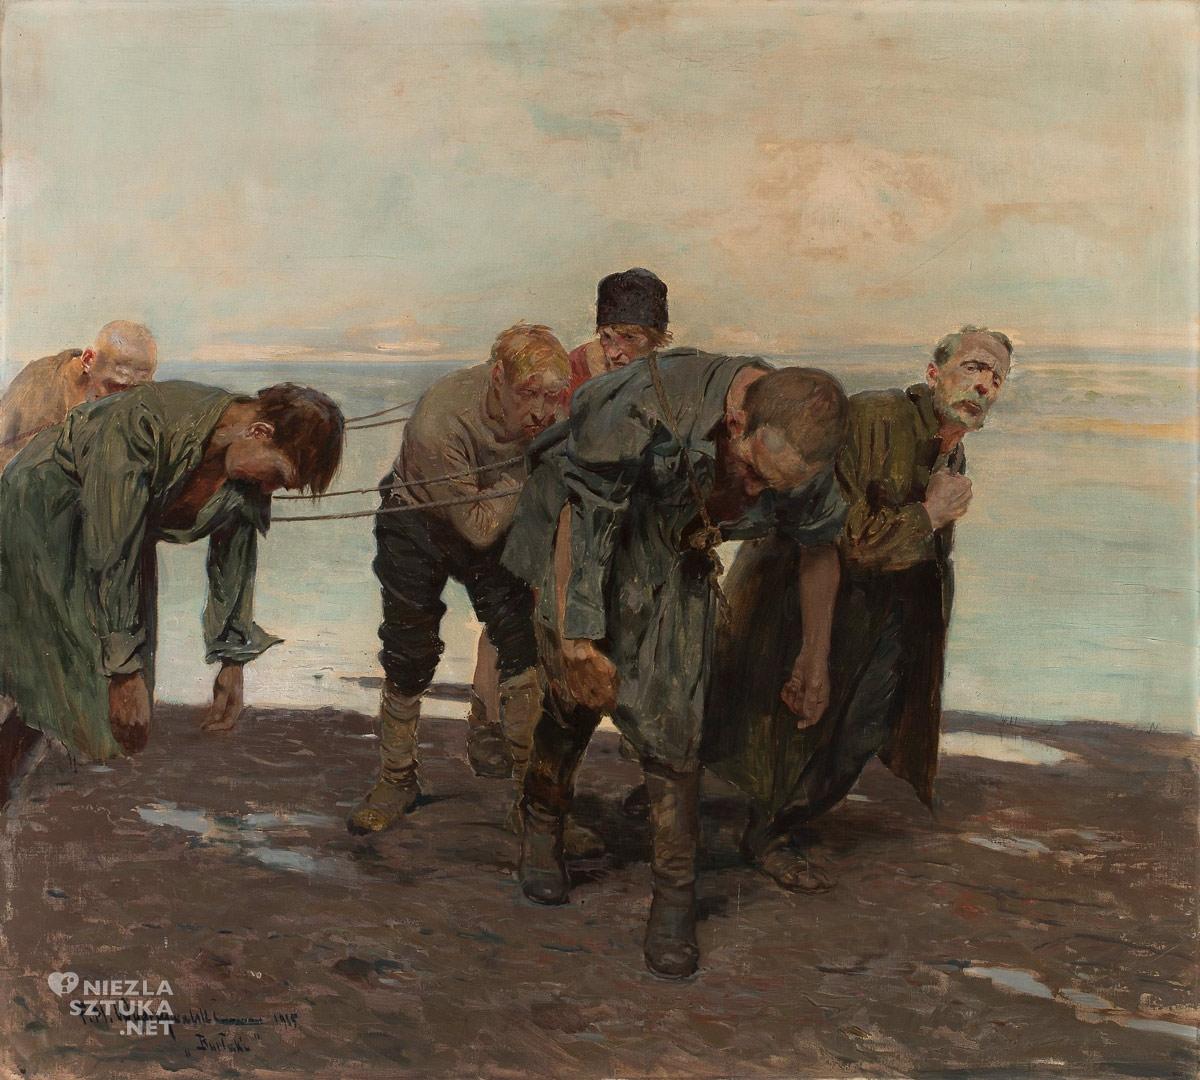 Feliks Michał Wygrzywalski, Burłacy, malarstwo polskie, malarstwo rodzajowe, Niezła Sztuka